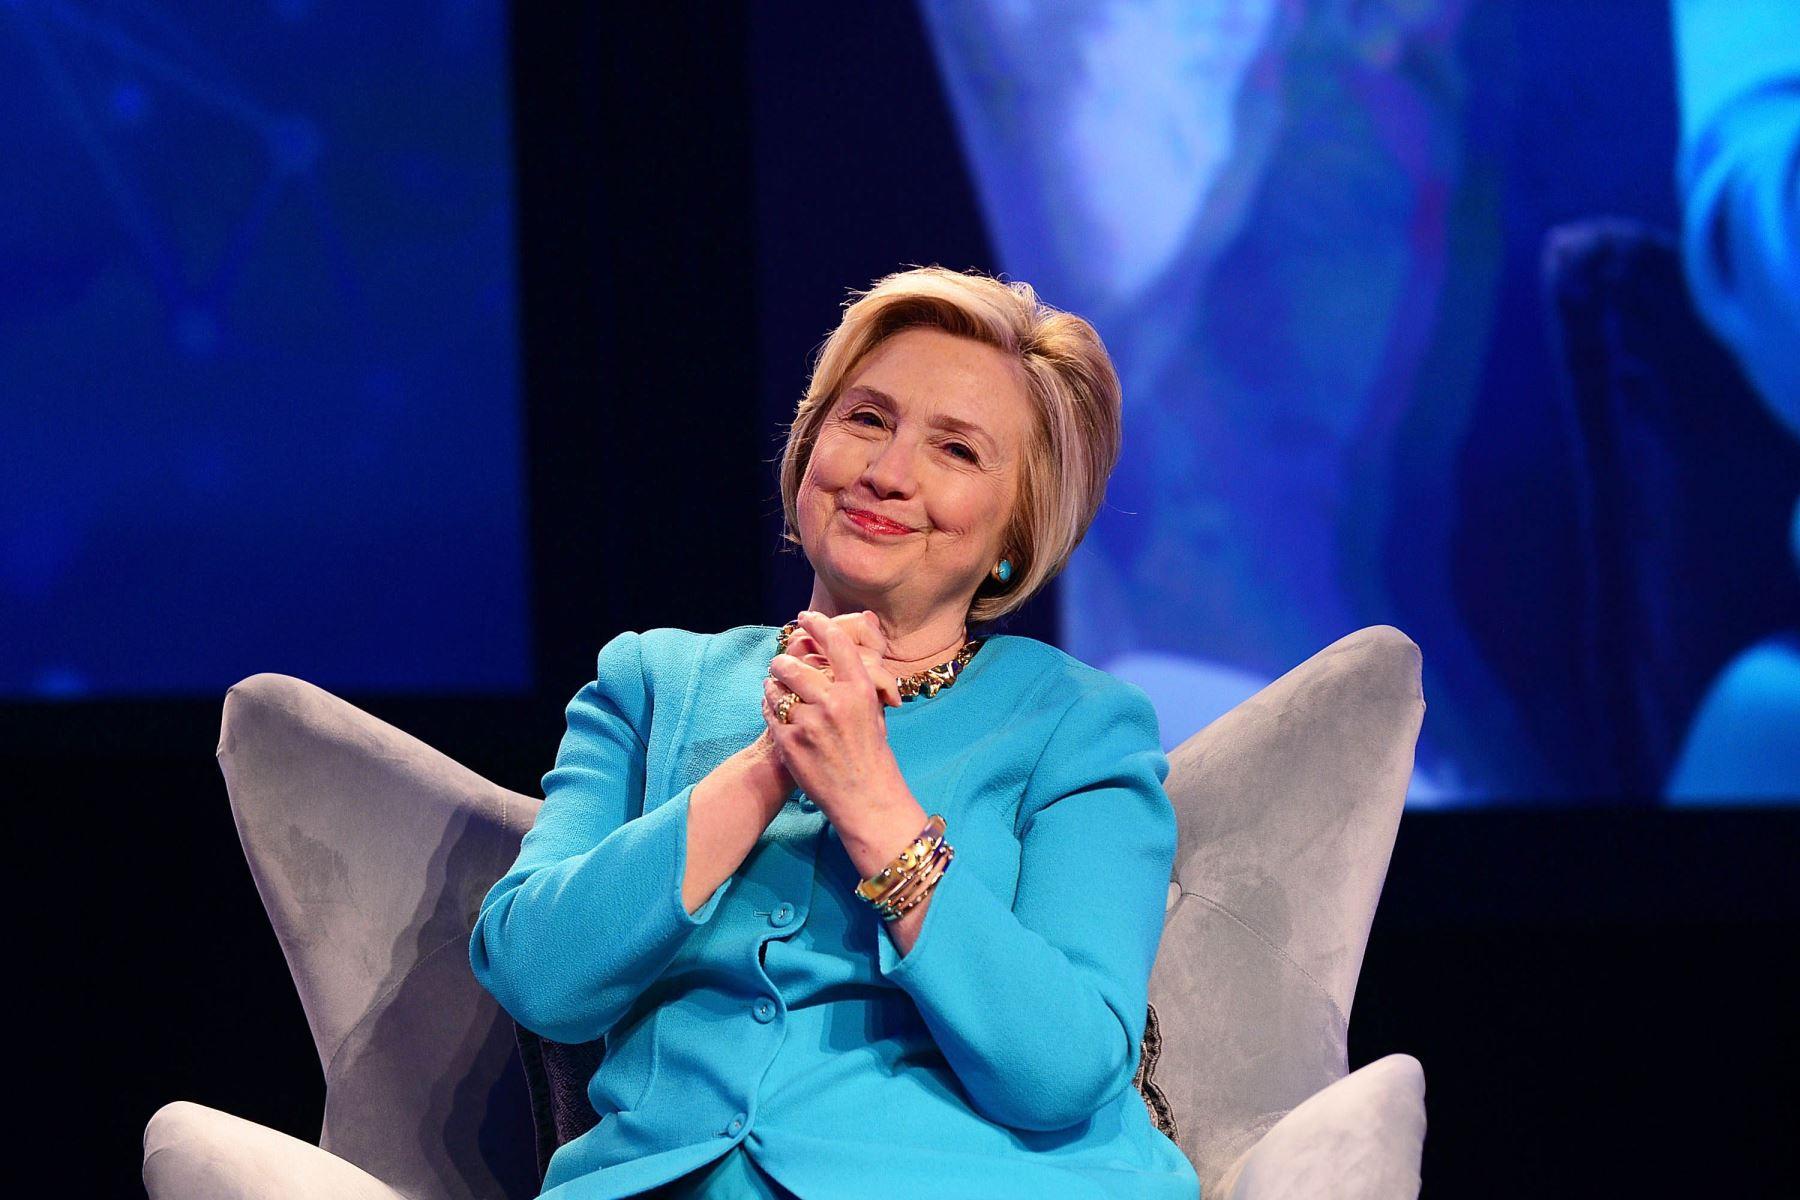 """Hillary Clinton (Política) """"Las mujeres son la mayor reserva de talento sin explotar en el mundo"""". Foto: AFP"""